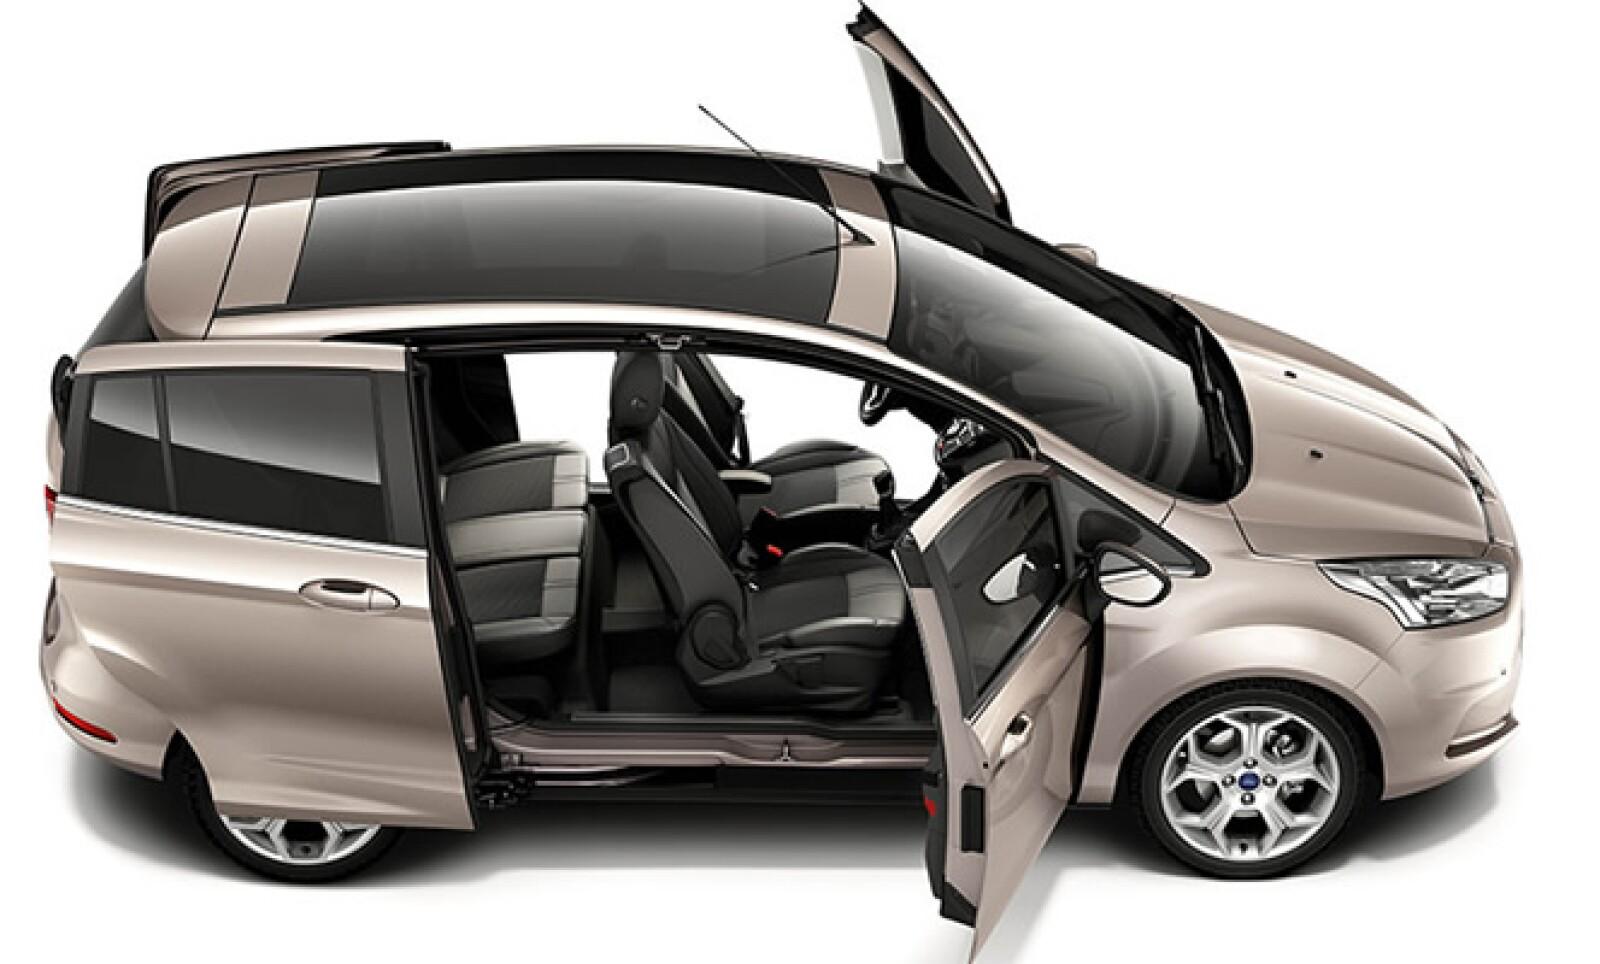 El motor del B-MAX es un EcoBoost 1.0, que cuenta con emisiones CO2 de 114g/km y ahorro de combustible de 4.9l/100km, podría ahorrar a los clientes casi 340 euros año al año, dice Ford.